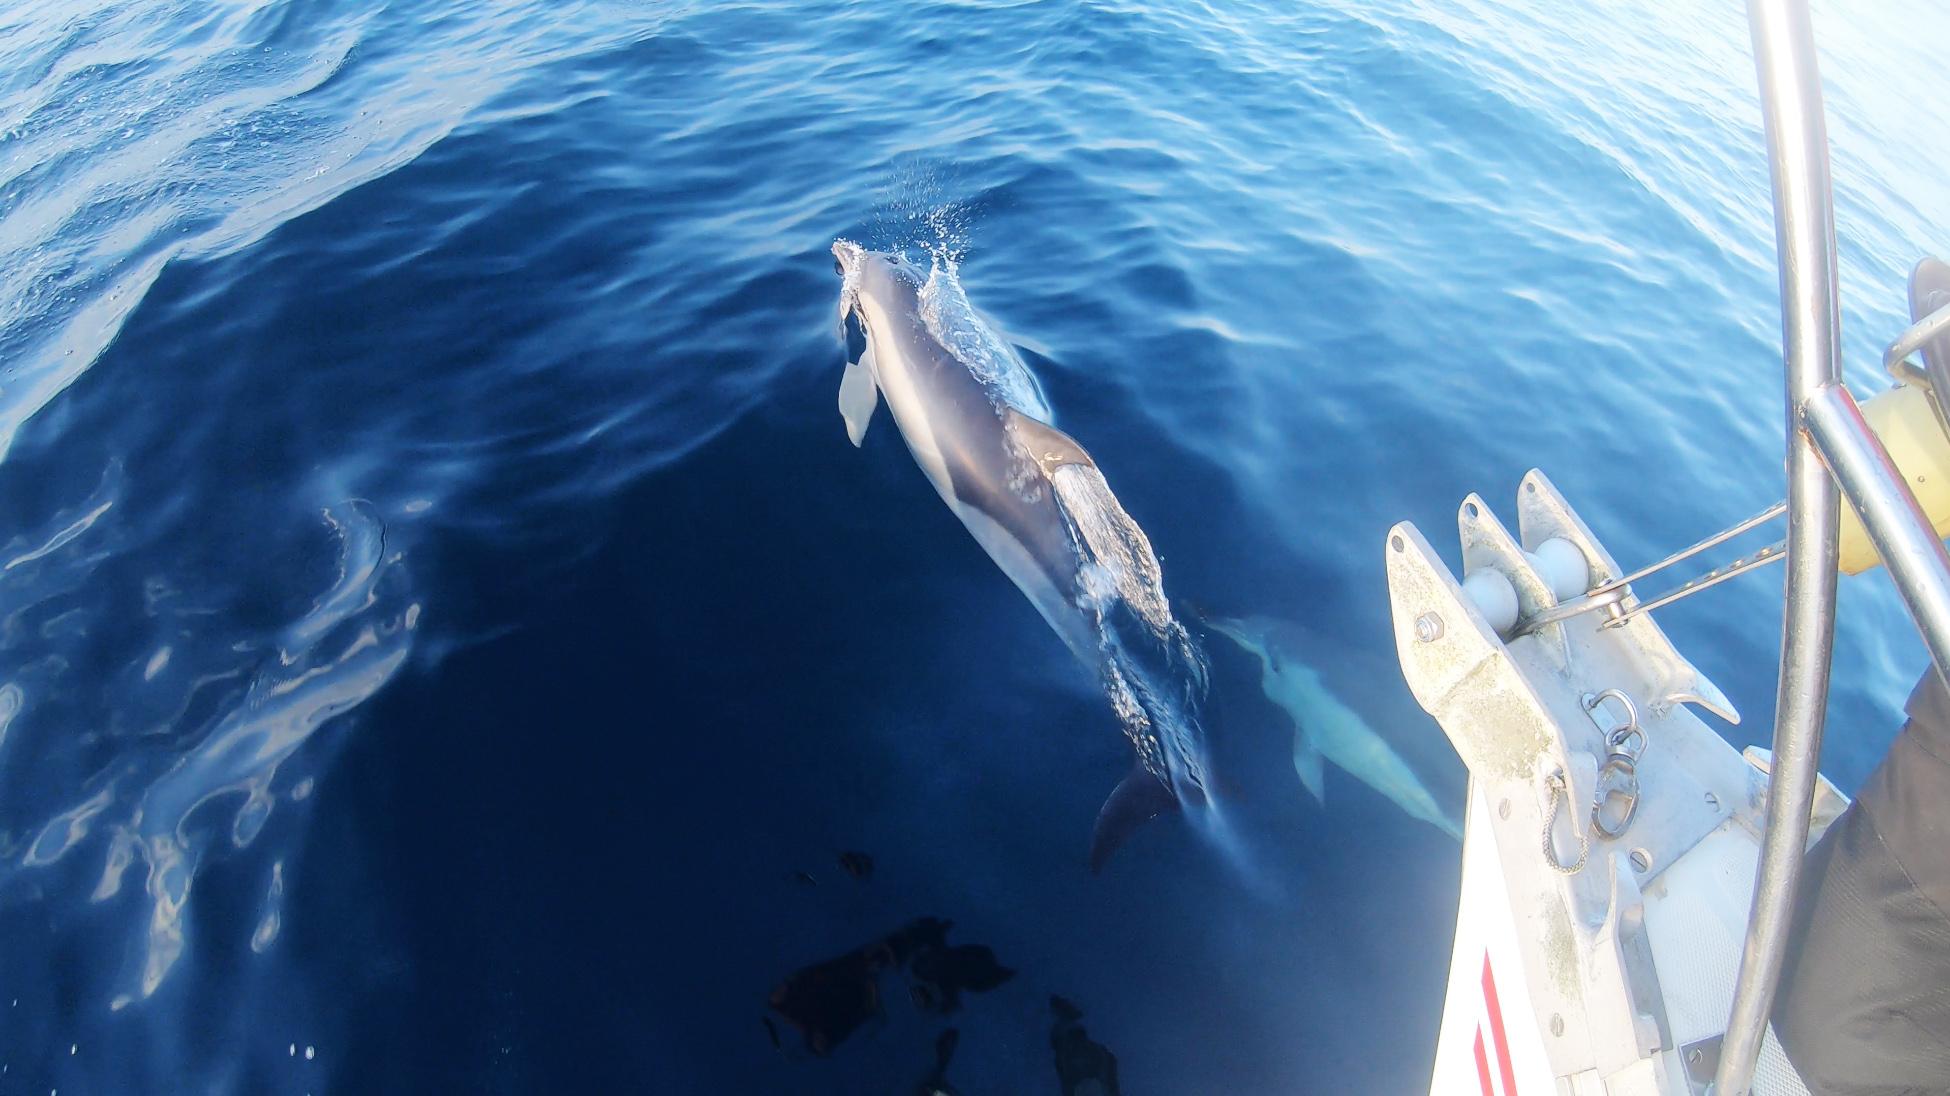 Une escorte de dauphins pour notre arrivée en terre espagnole